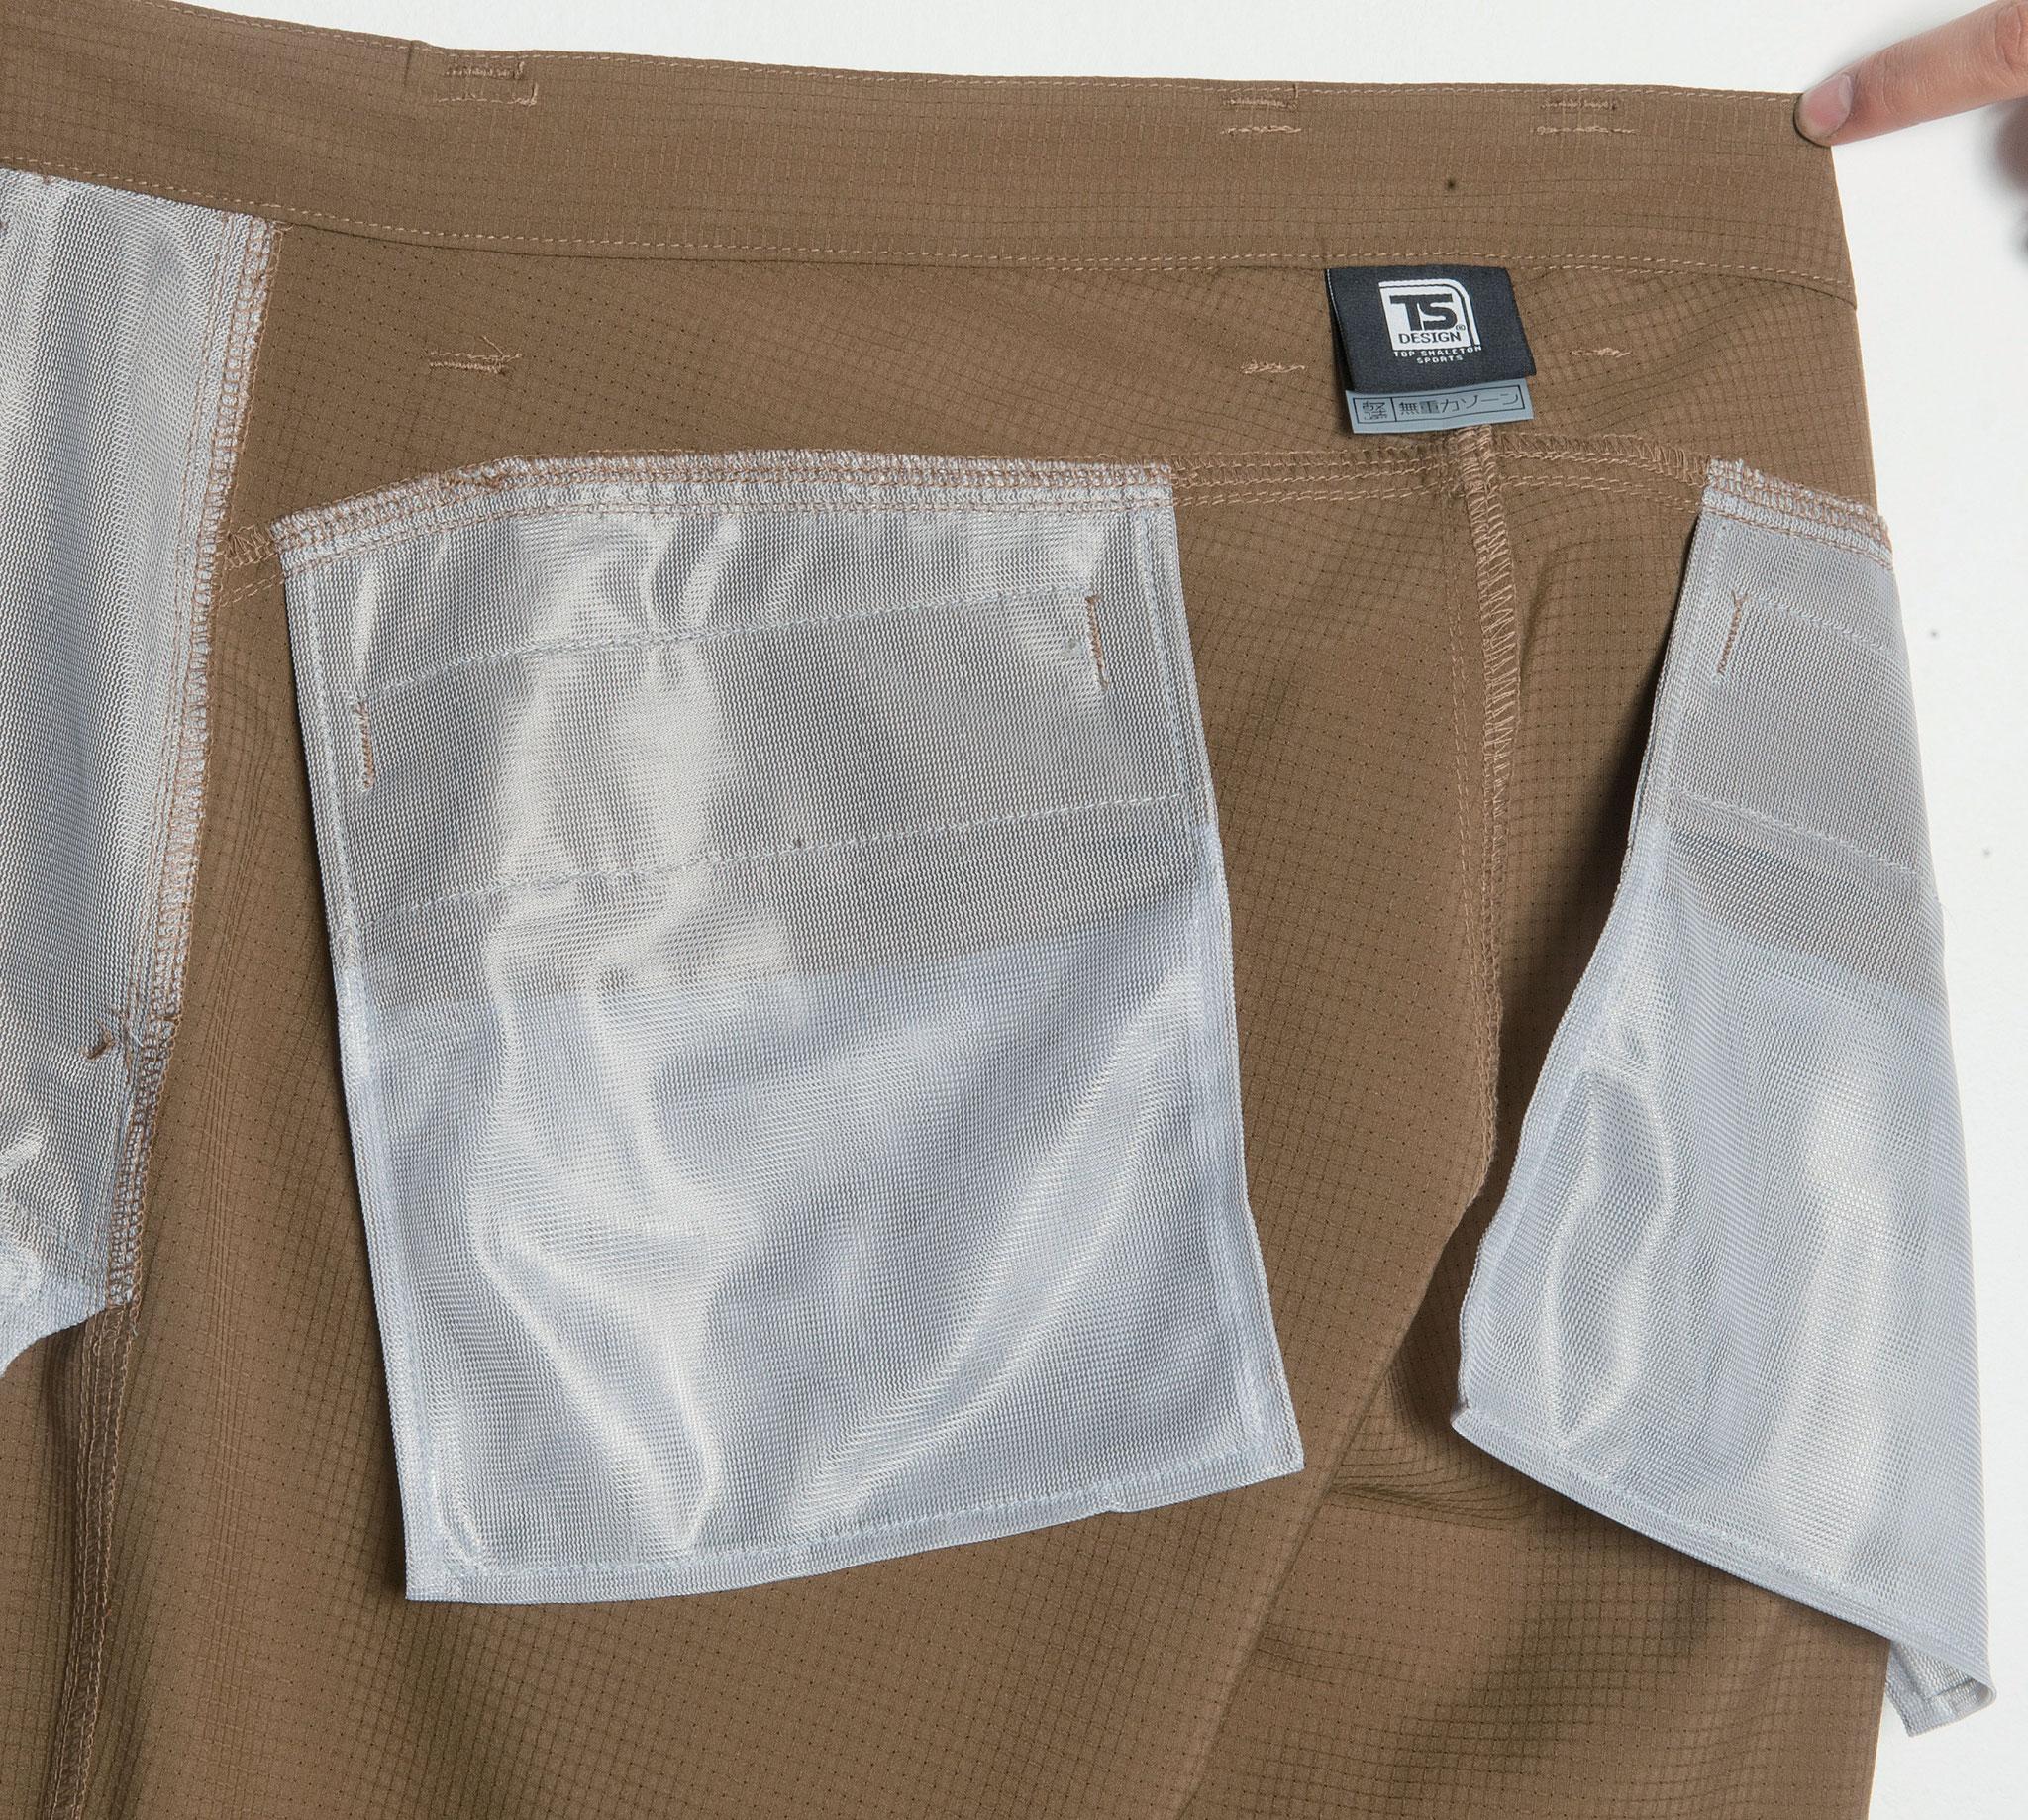 ポケット袋も涼しいメッシュ仕様 84602 ストレッチメンズエアーパンツ